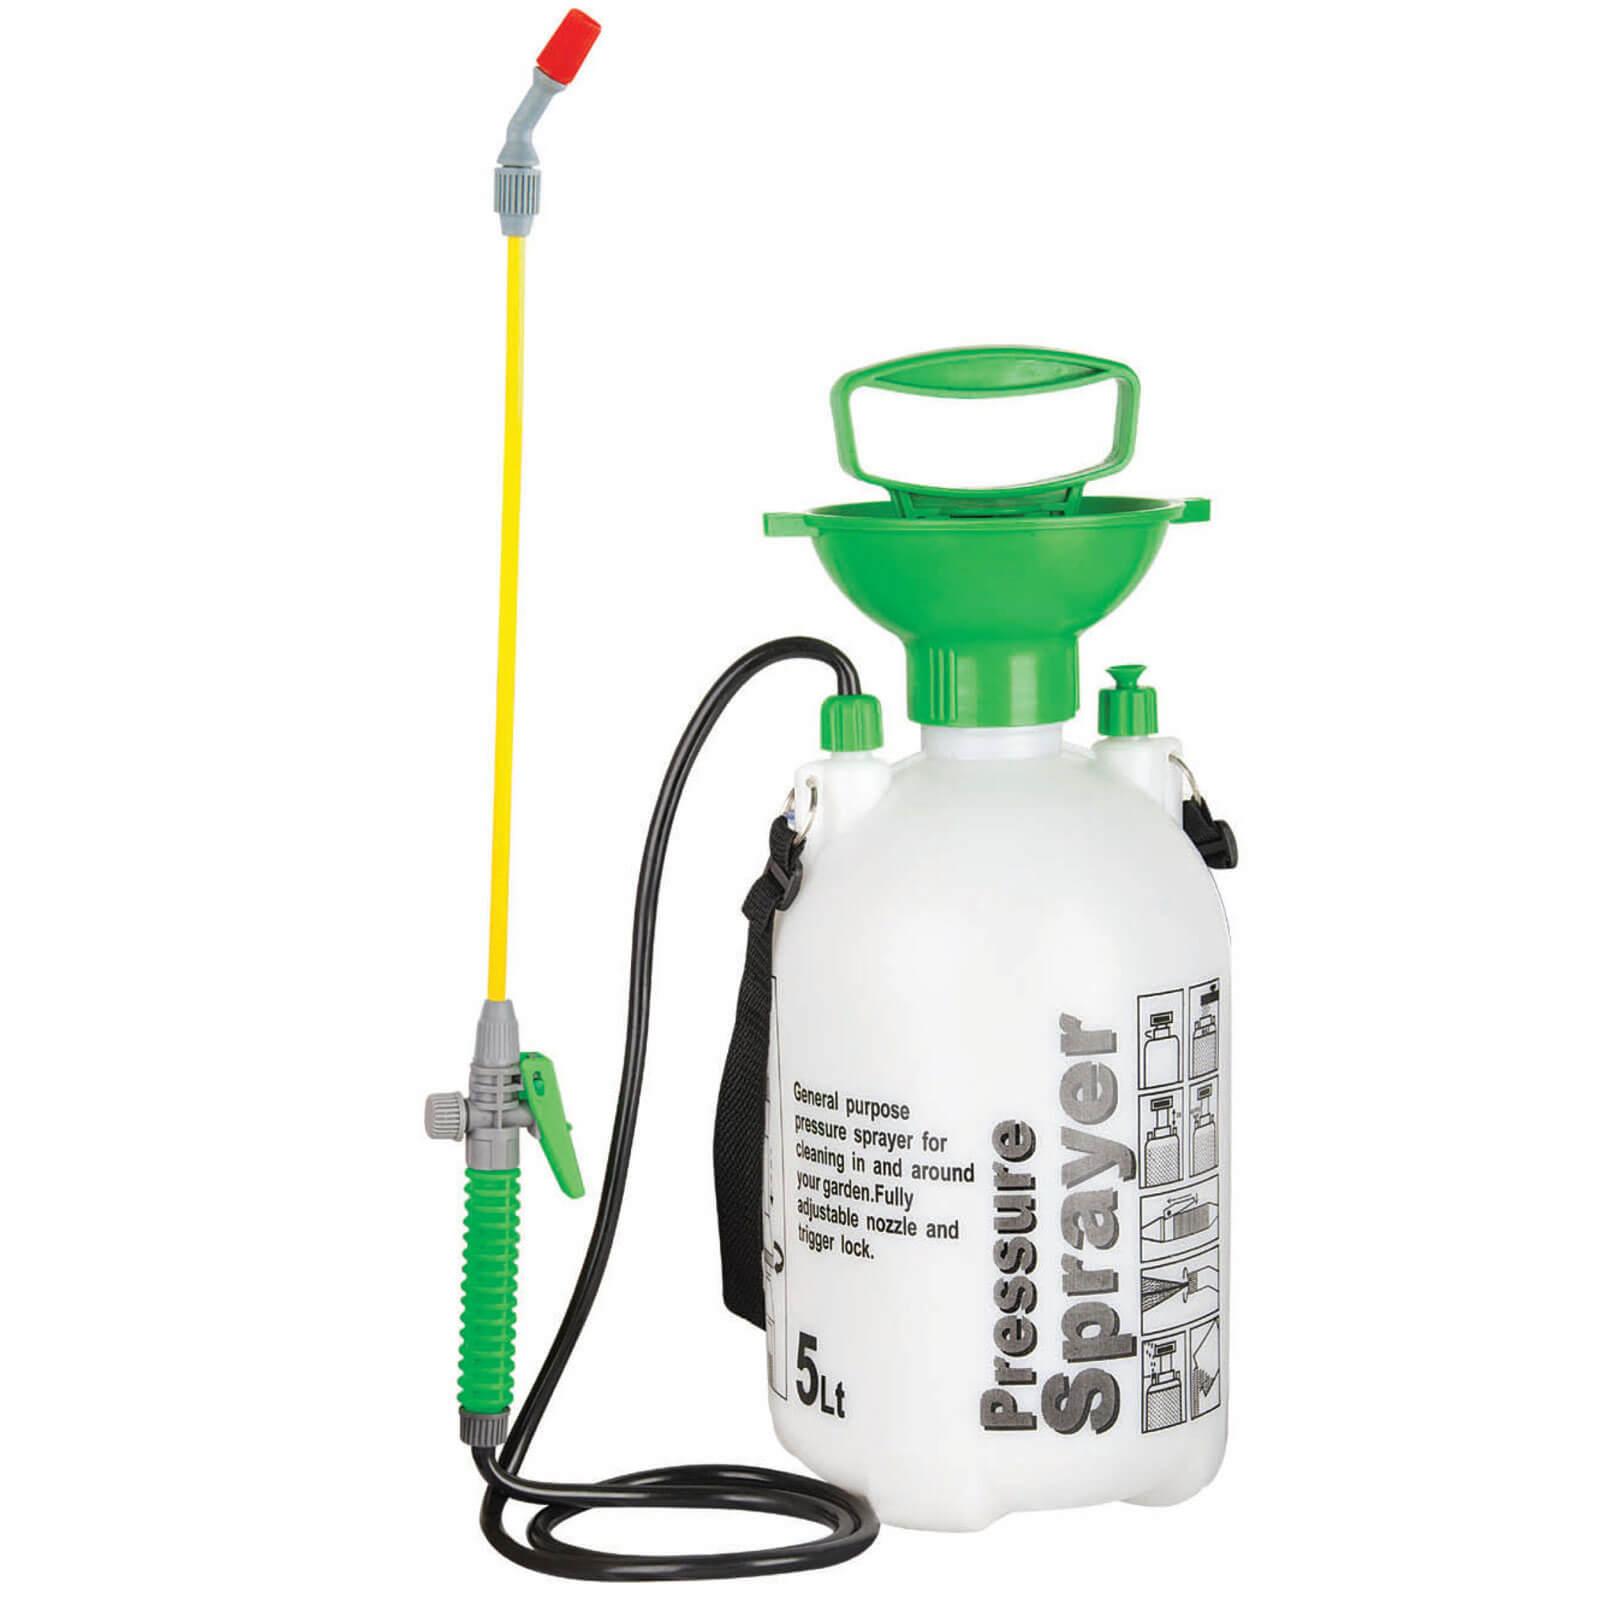 Handy 5 Litre Pressure Water Sprayer